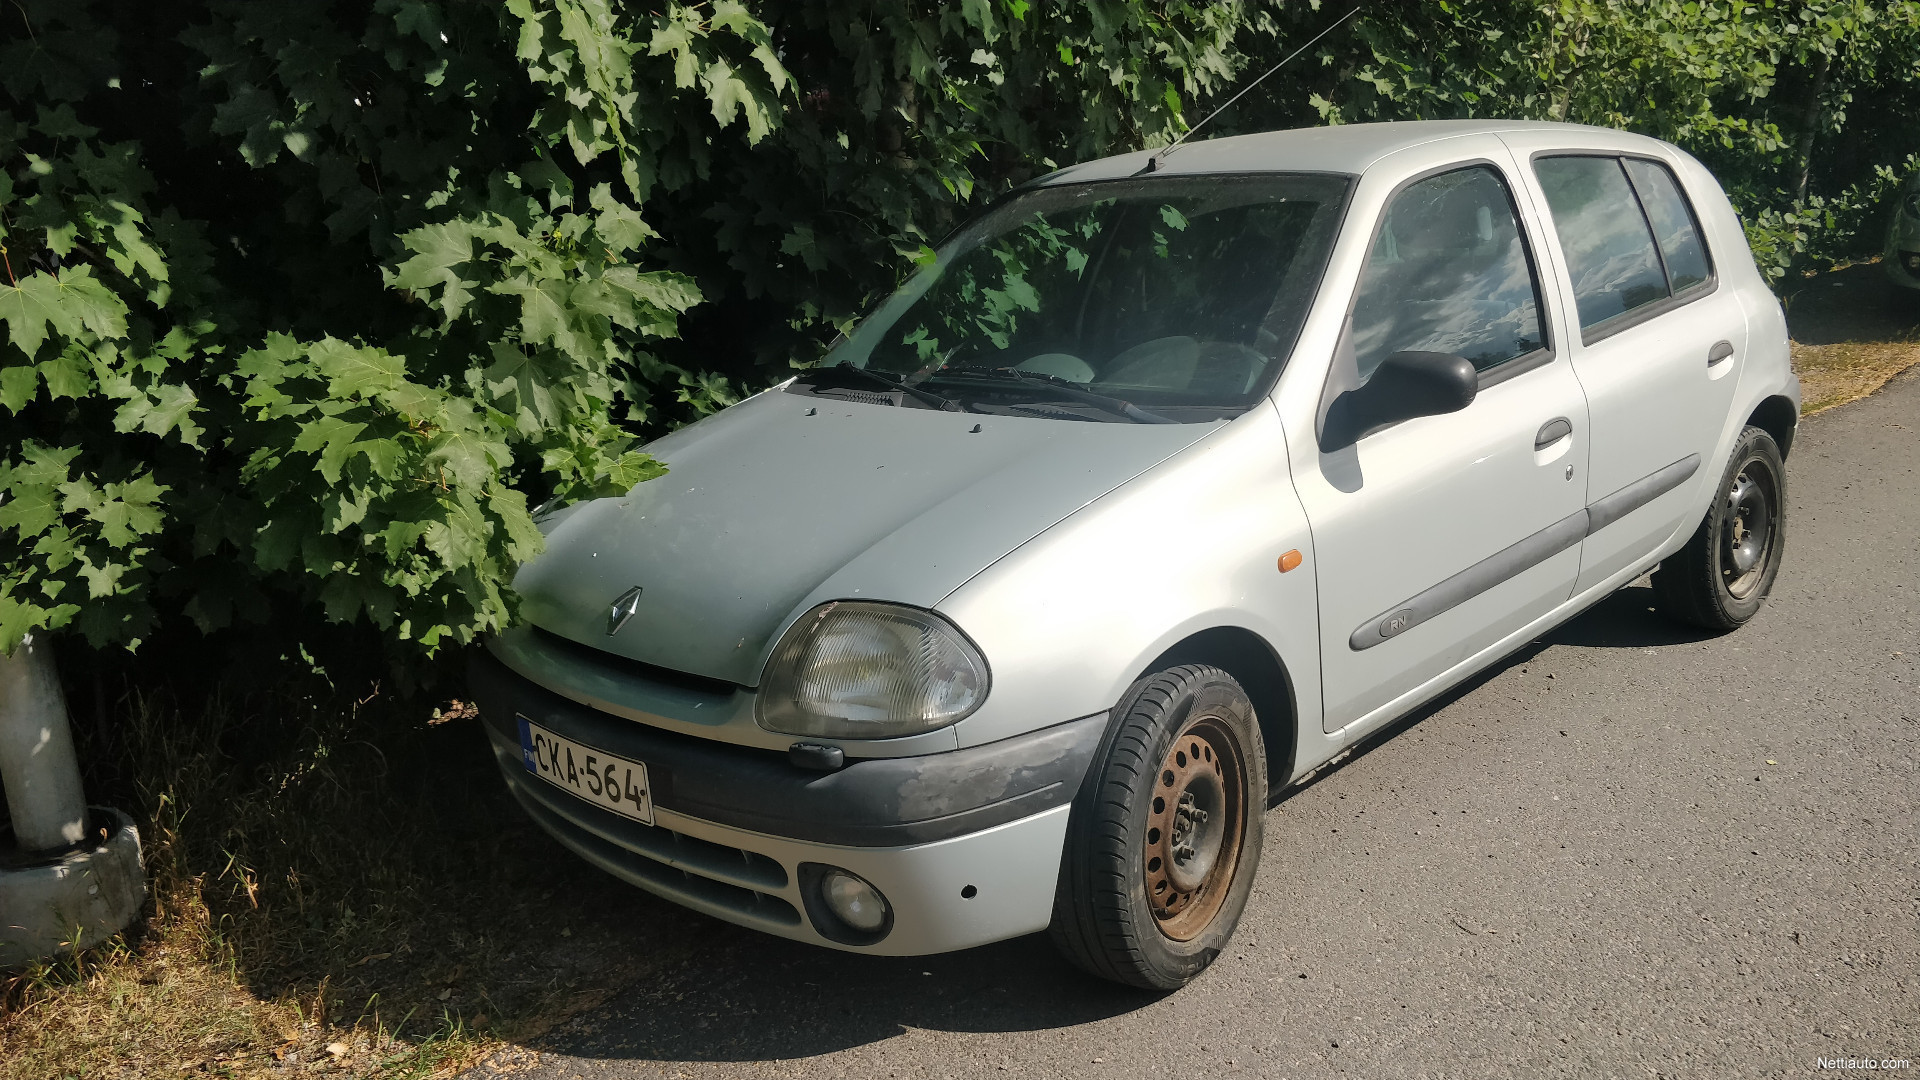 Renault Clio 1.2 Kokemuksia